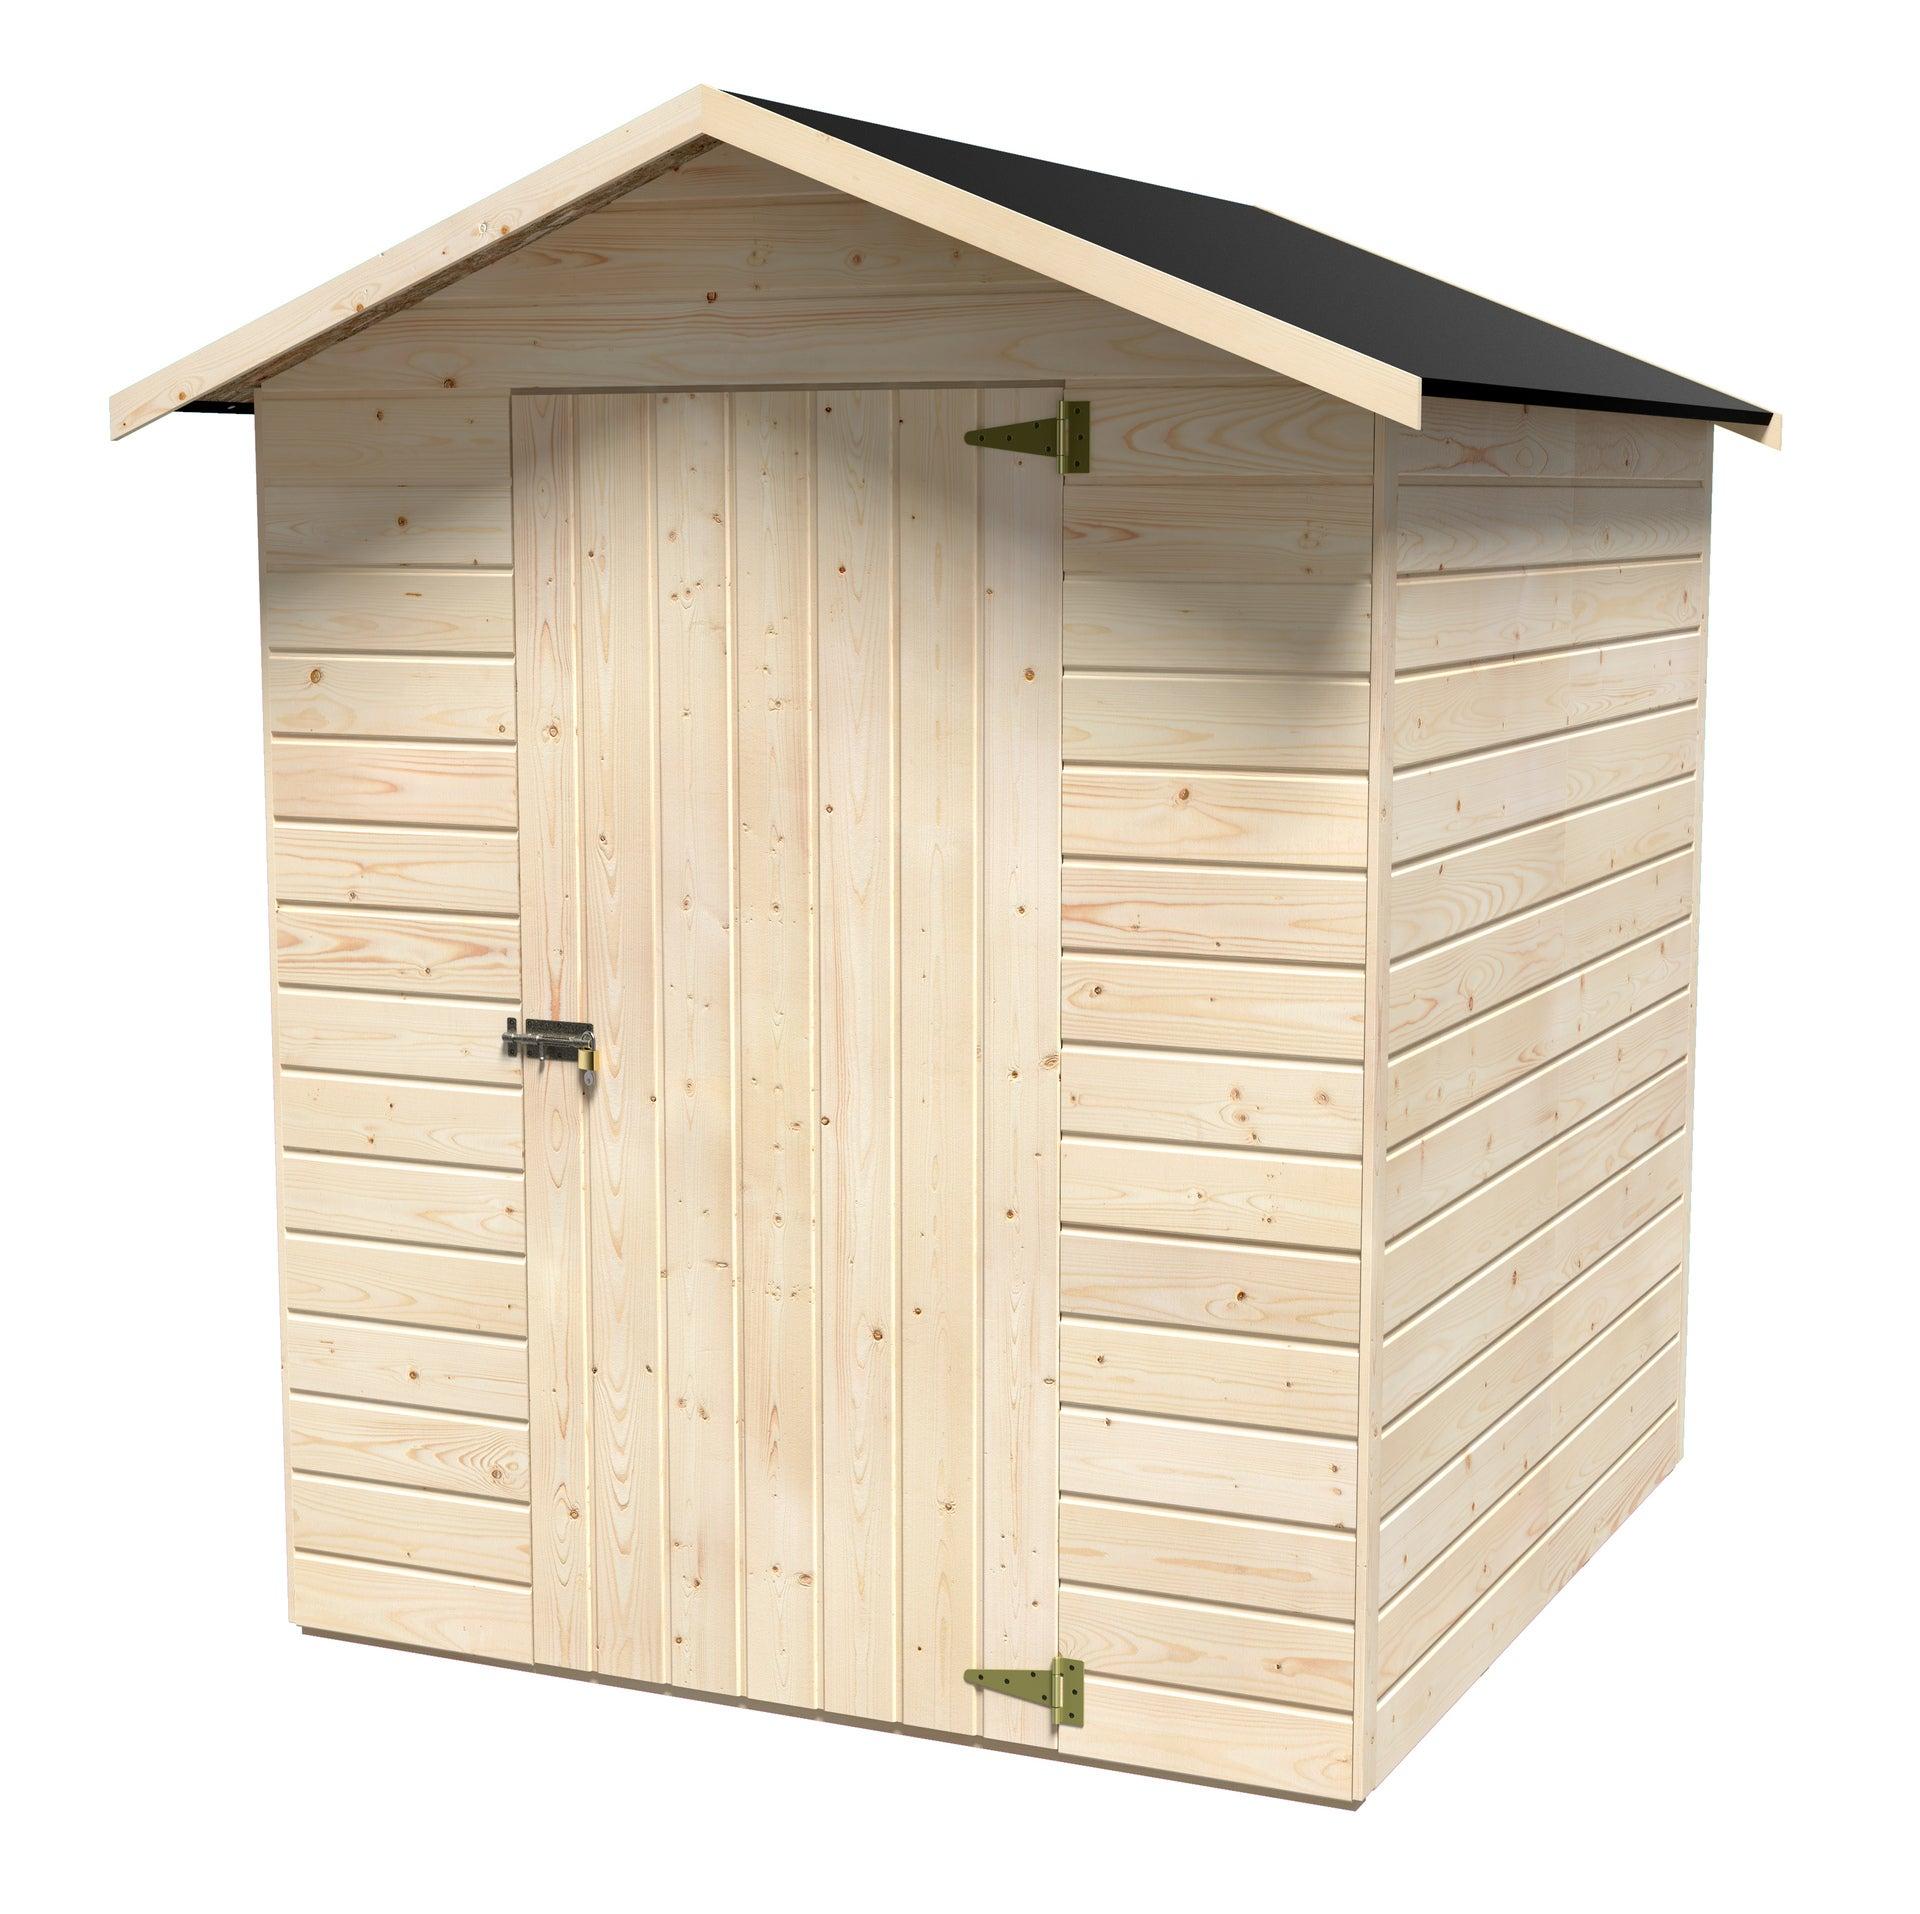 Abri de jardin bois Lisa Ep.12 mm, 2.36 m²